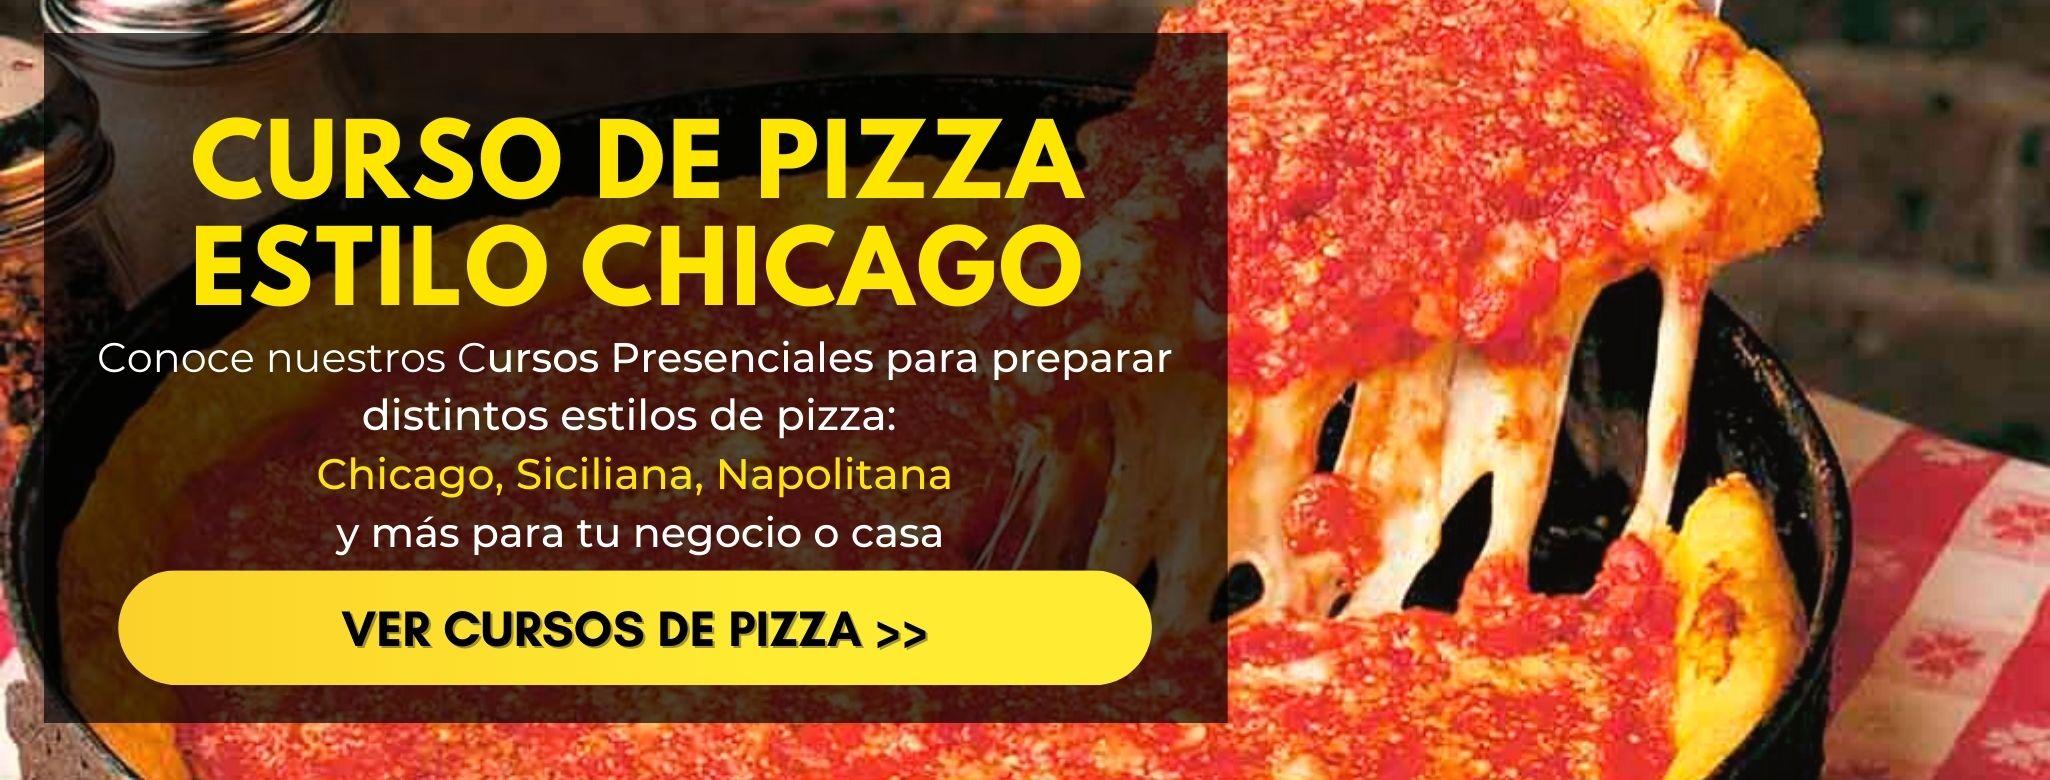 Curso de pizza estilo chicago